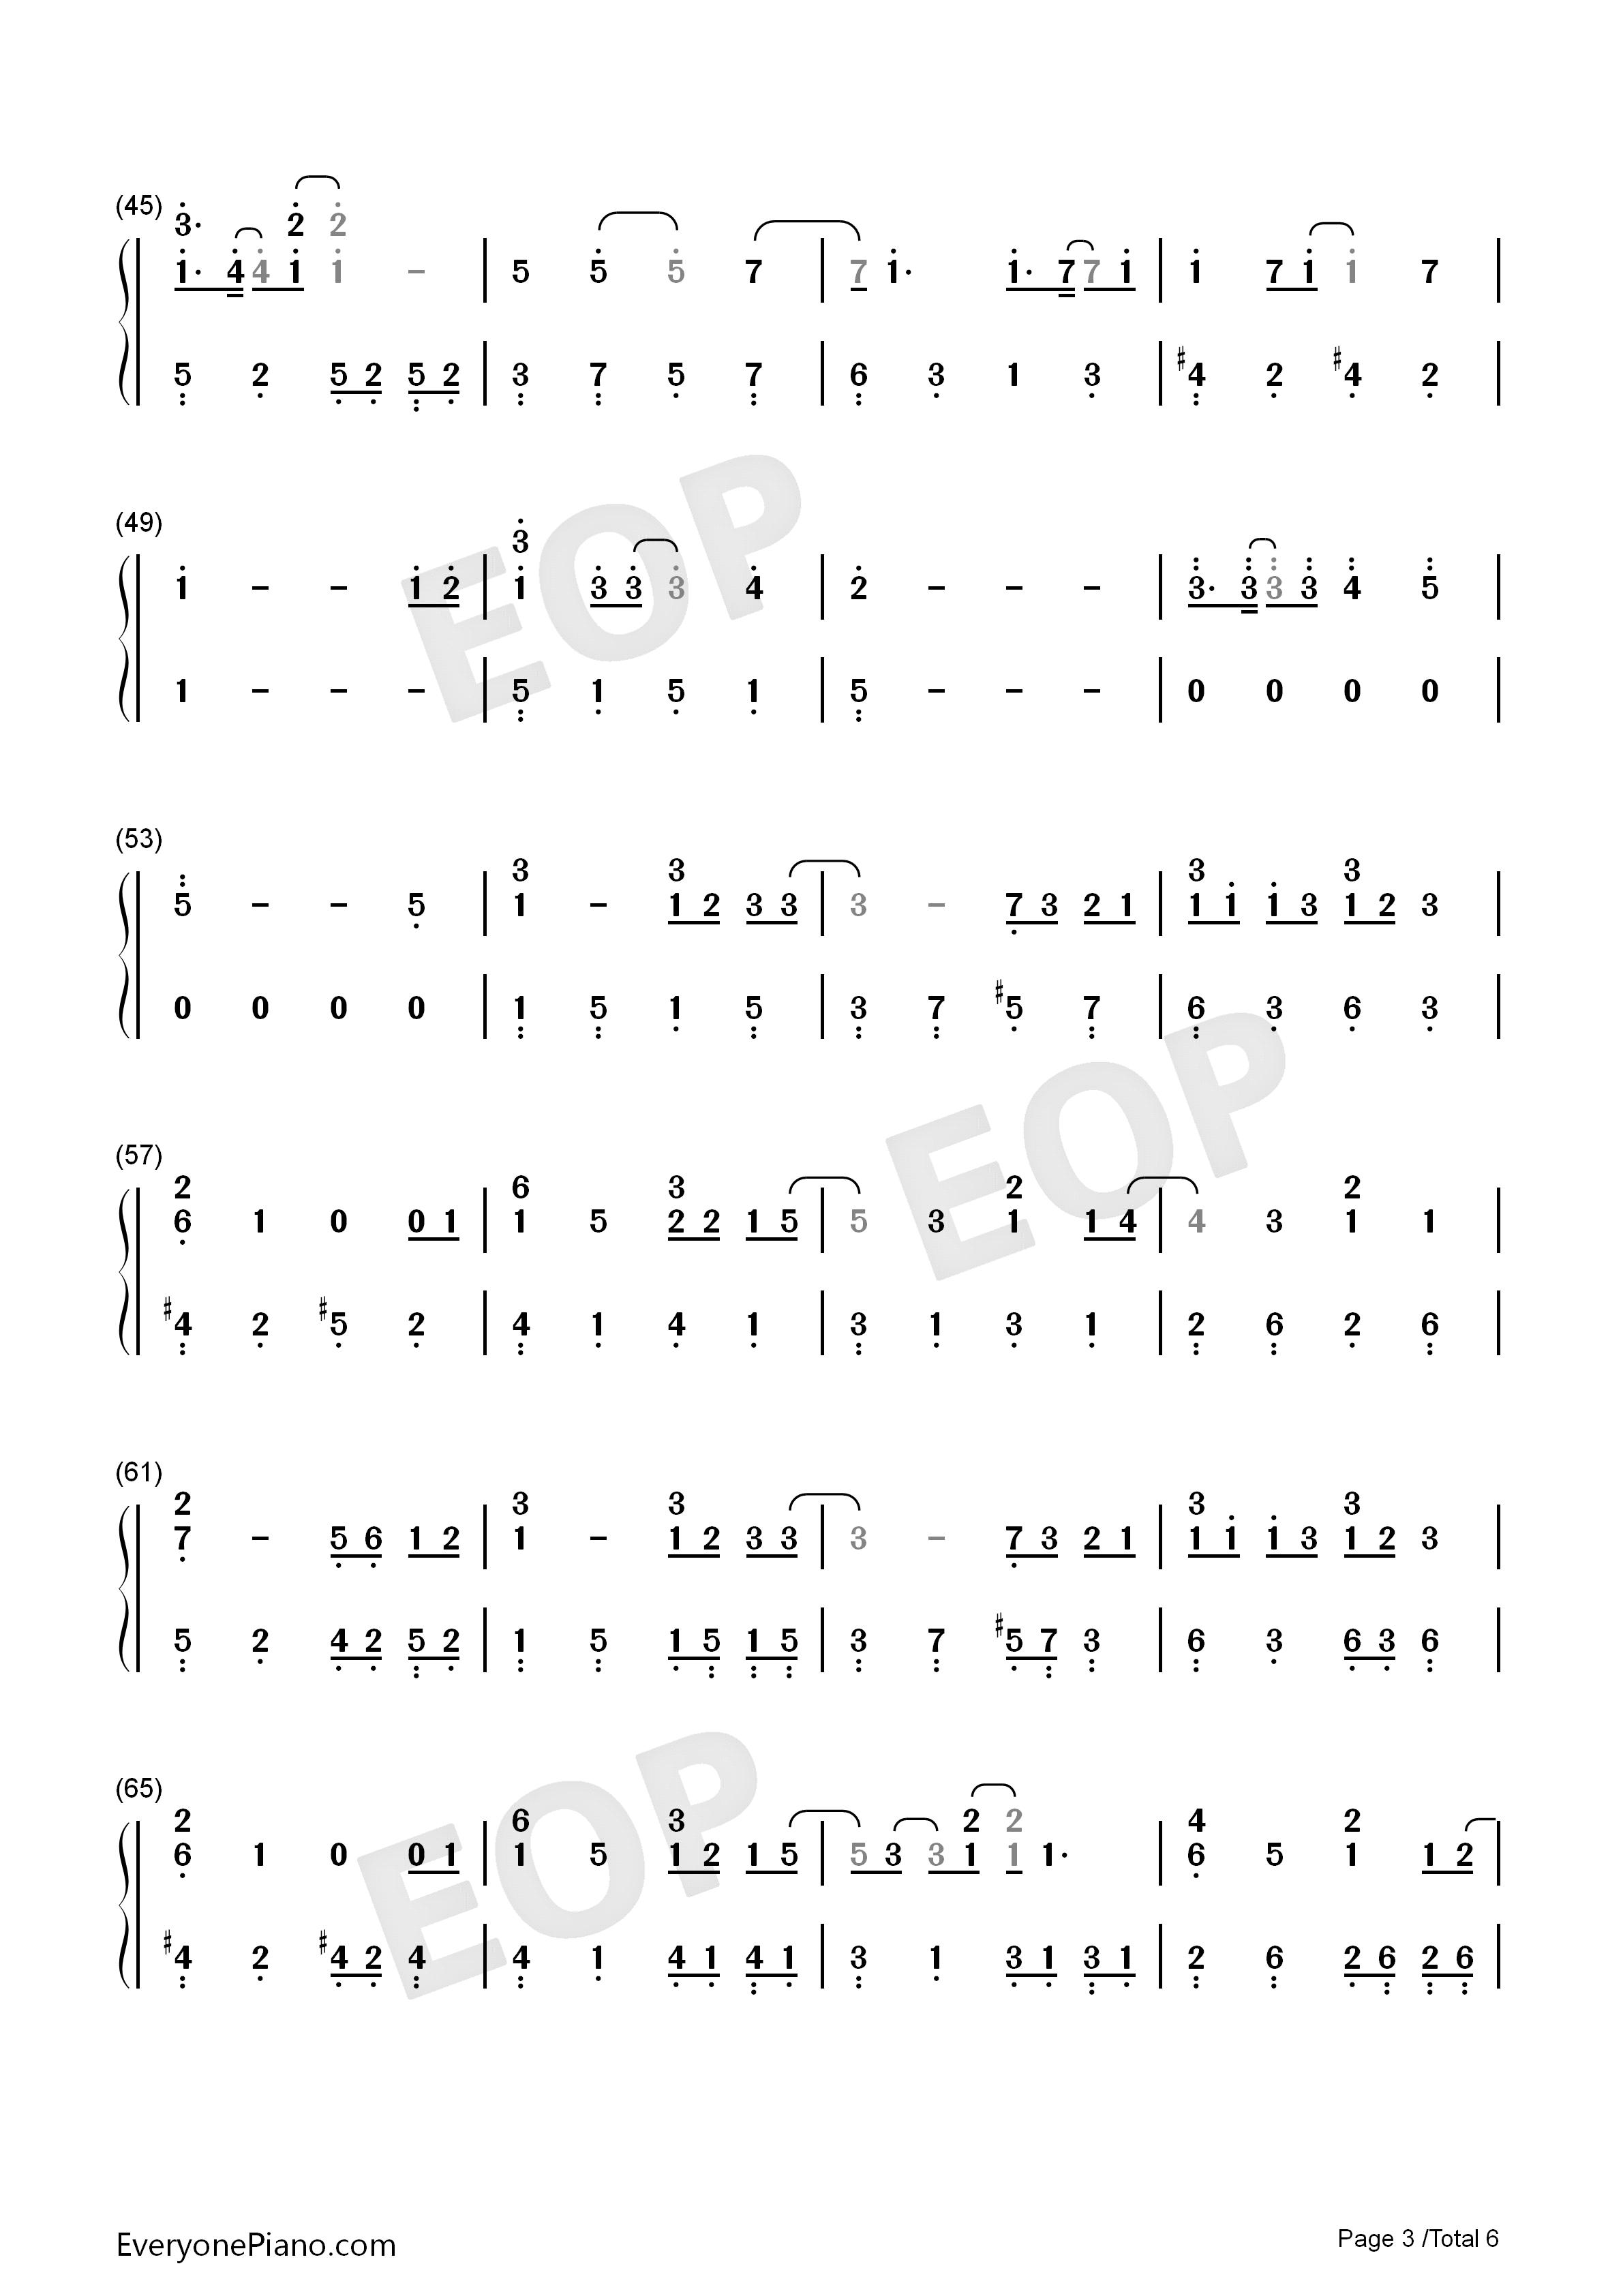 天梯-c allstar-eop教学曲双手简谱预览3-钢琴谱文件